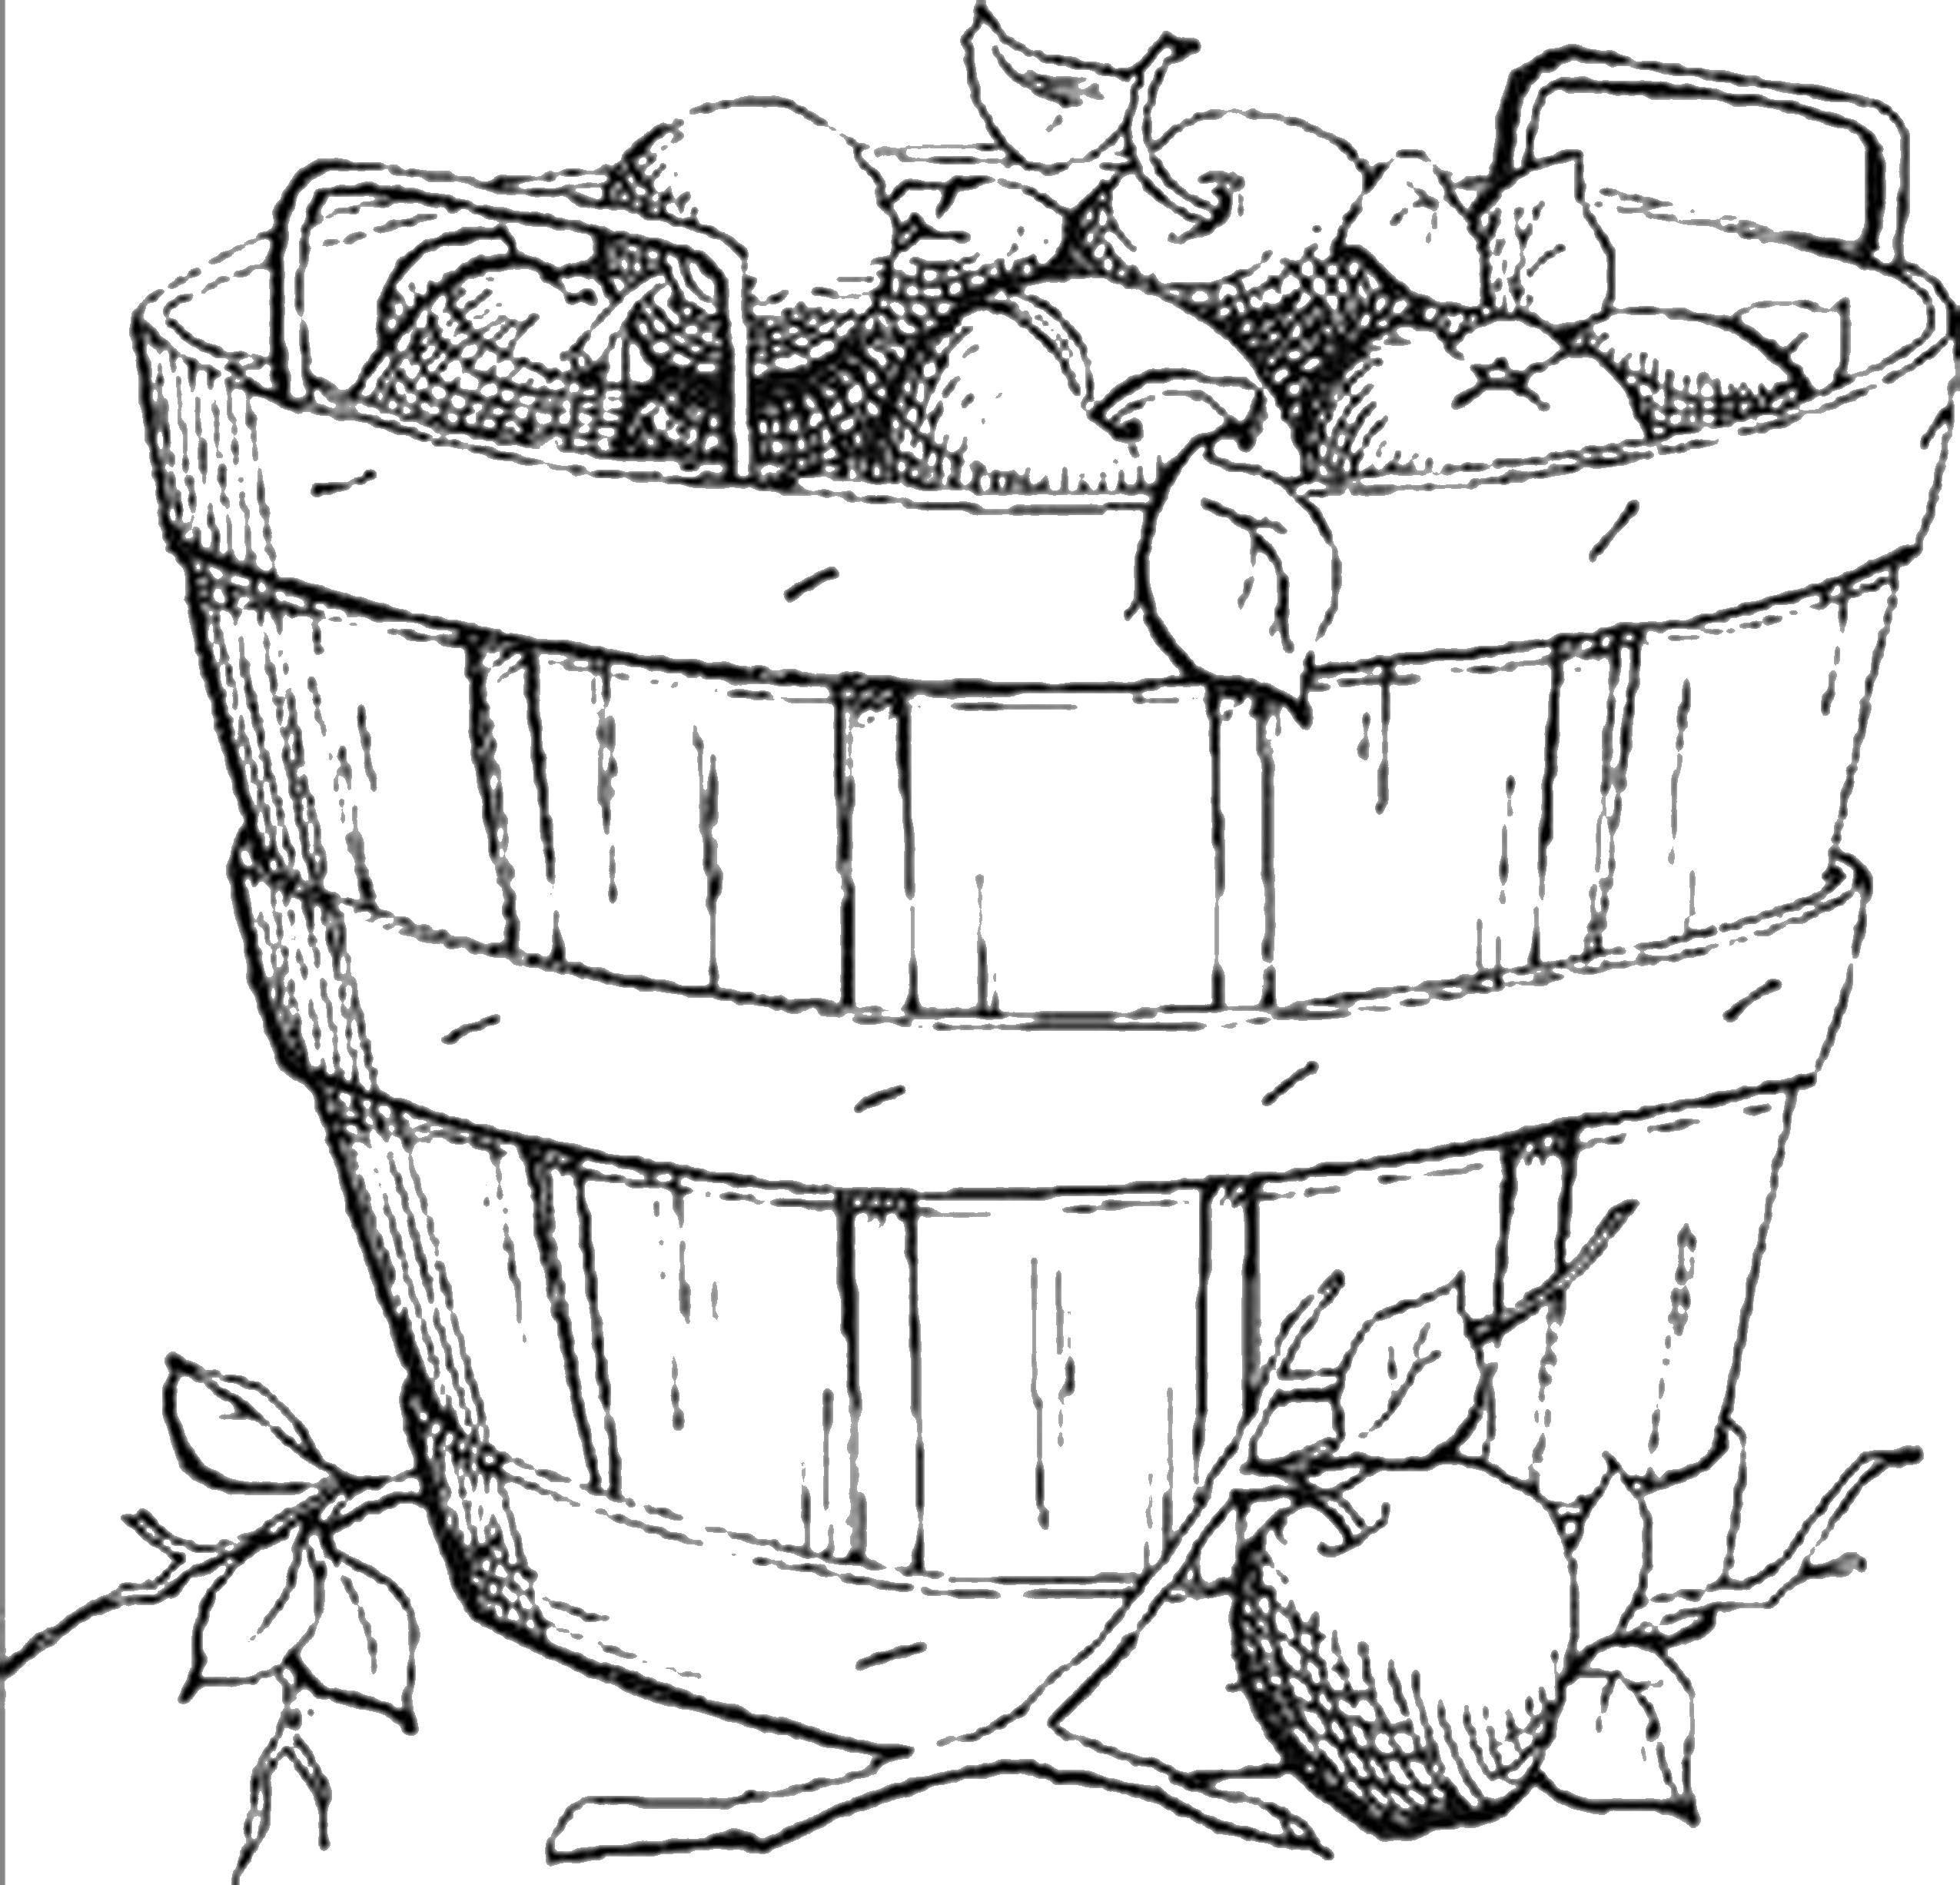 корзина с фруктами картинка для раскрашивания локально